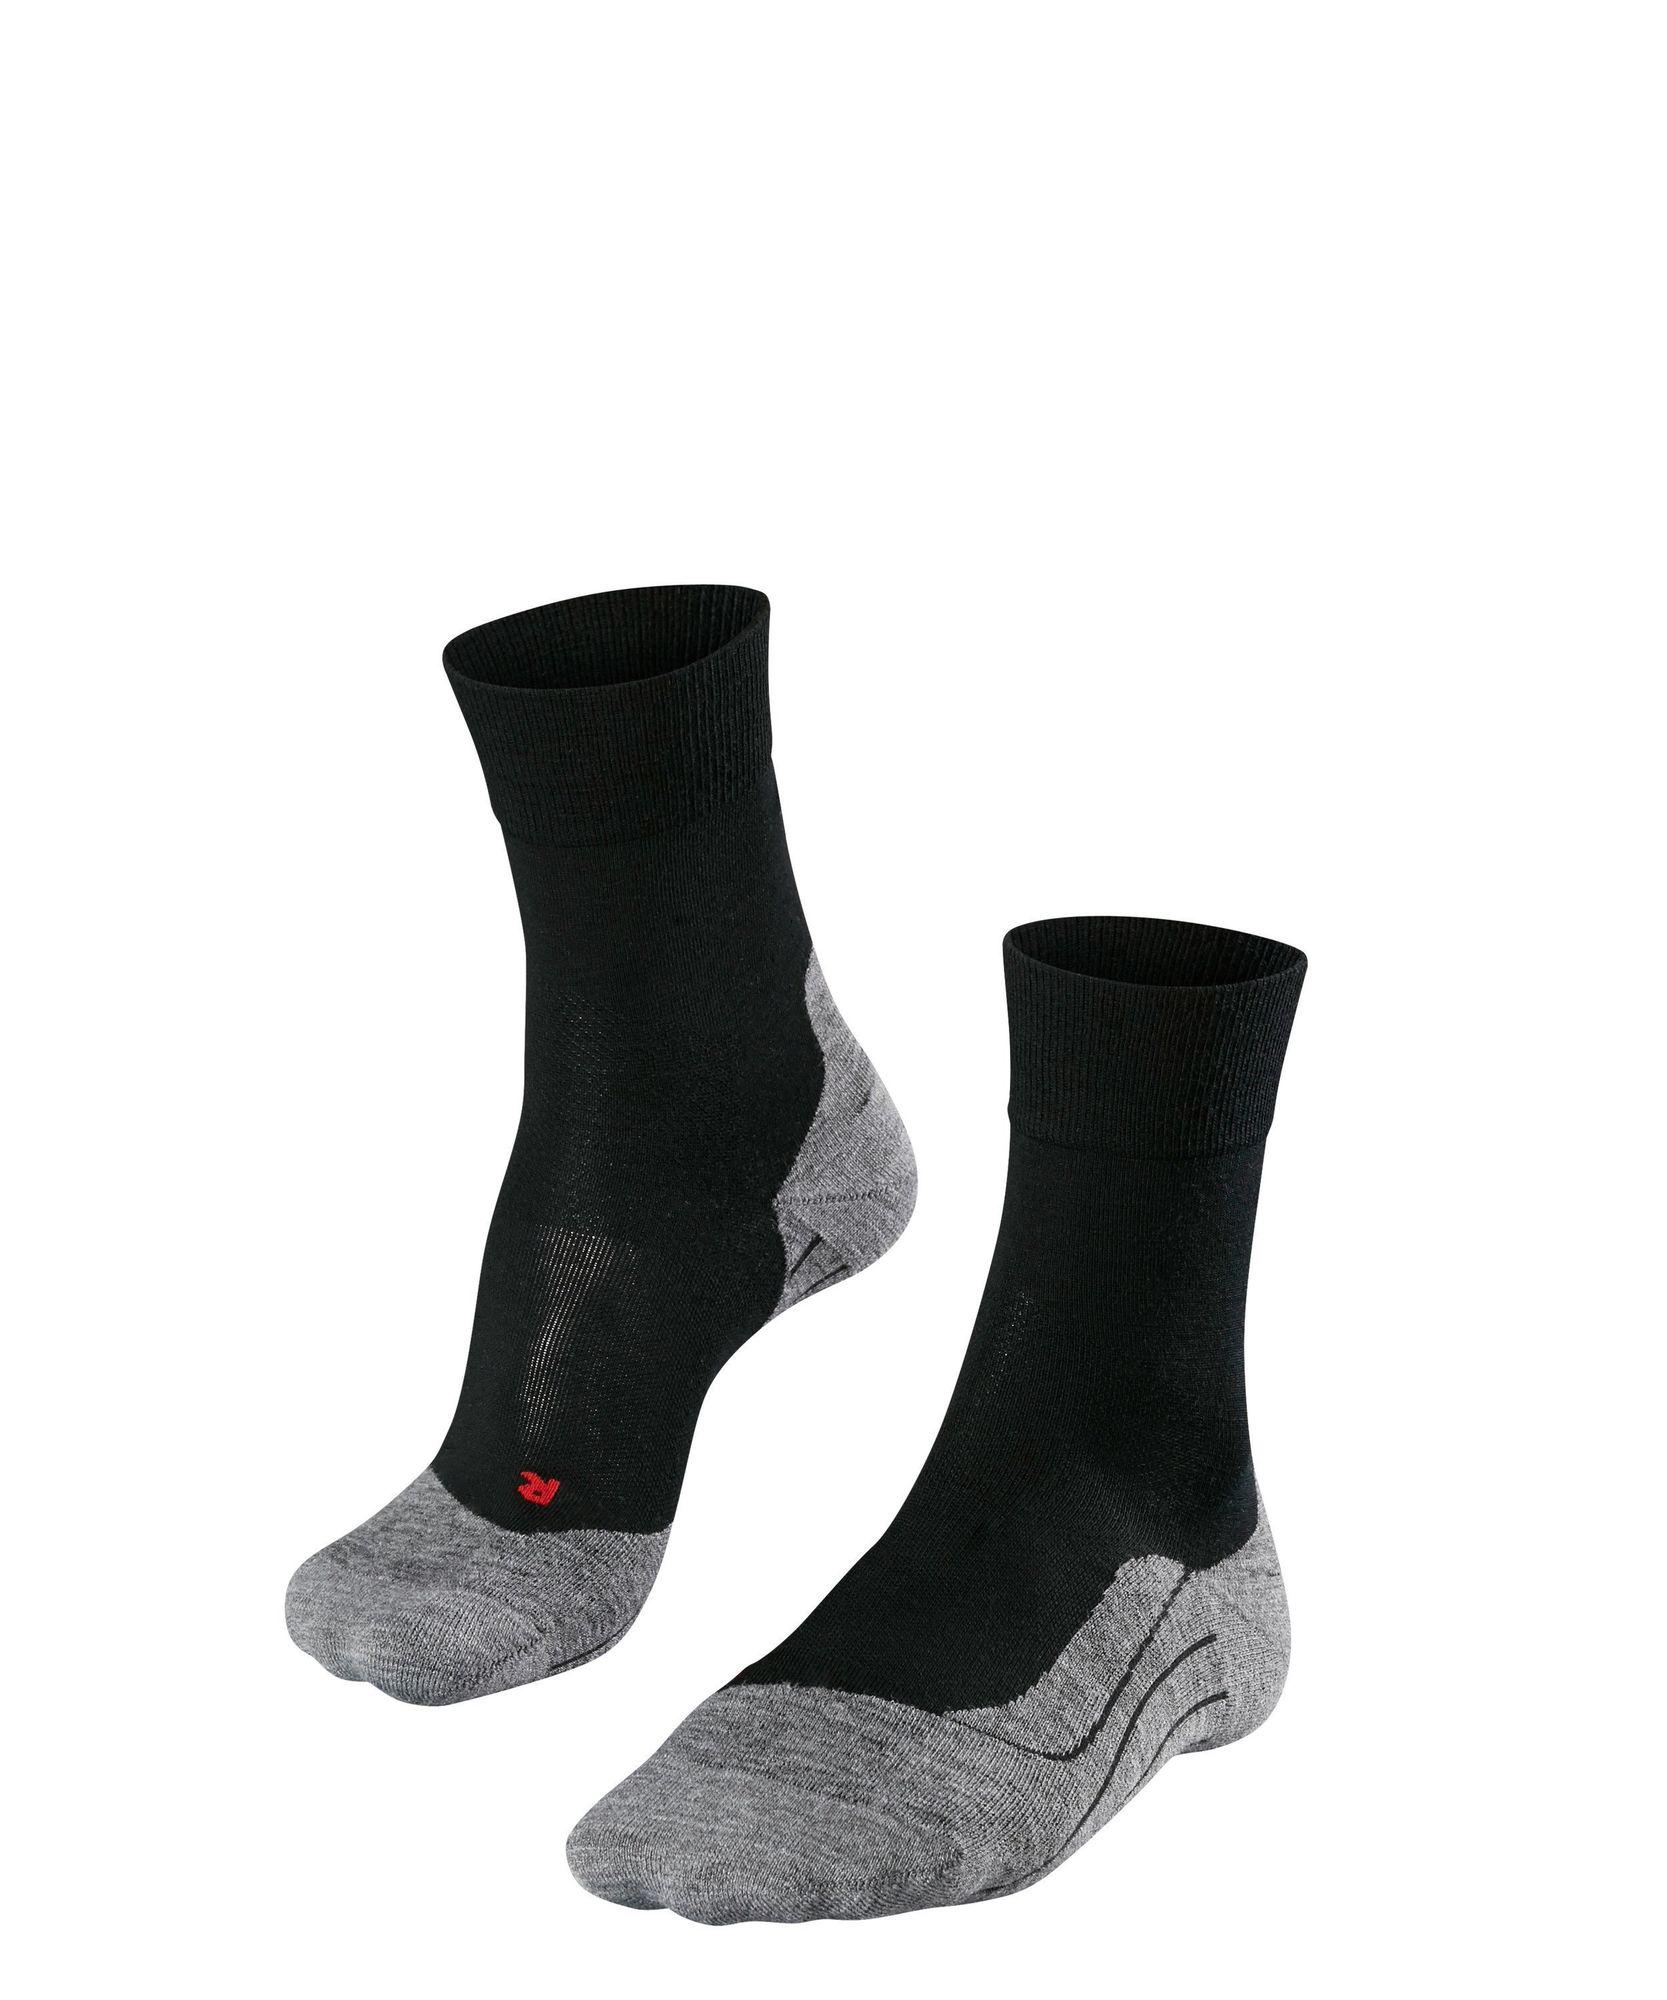 Falke RU4 Wool in Schwarz